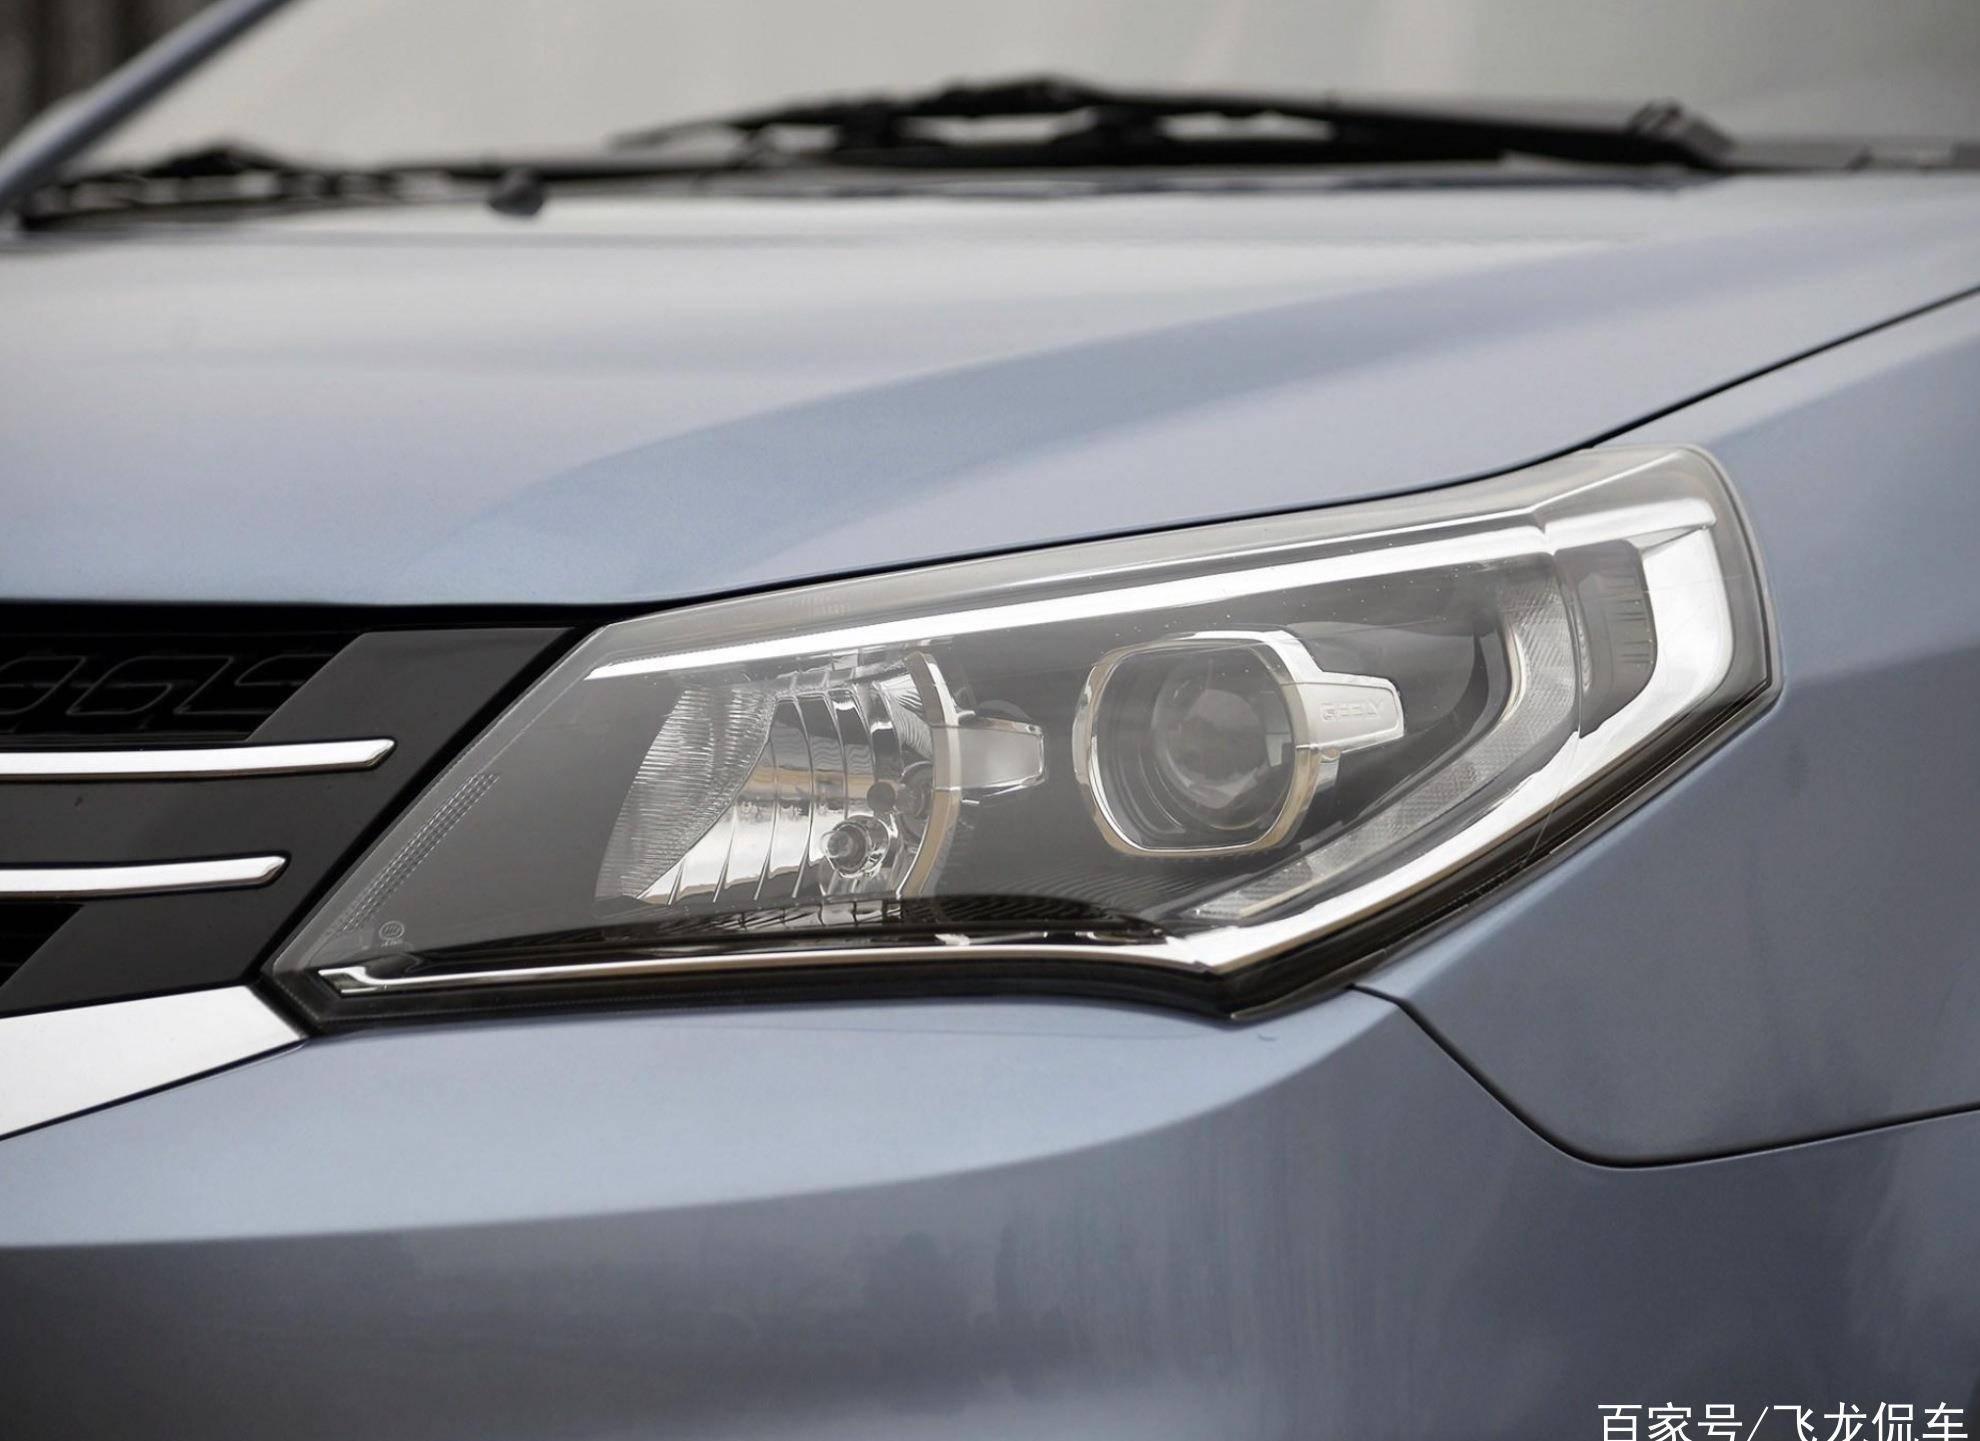 国产原型车和最受欢迎的汽车总销量超过100万辆,平均油耗为3447.9万